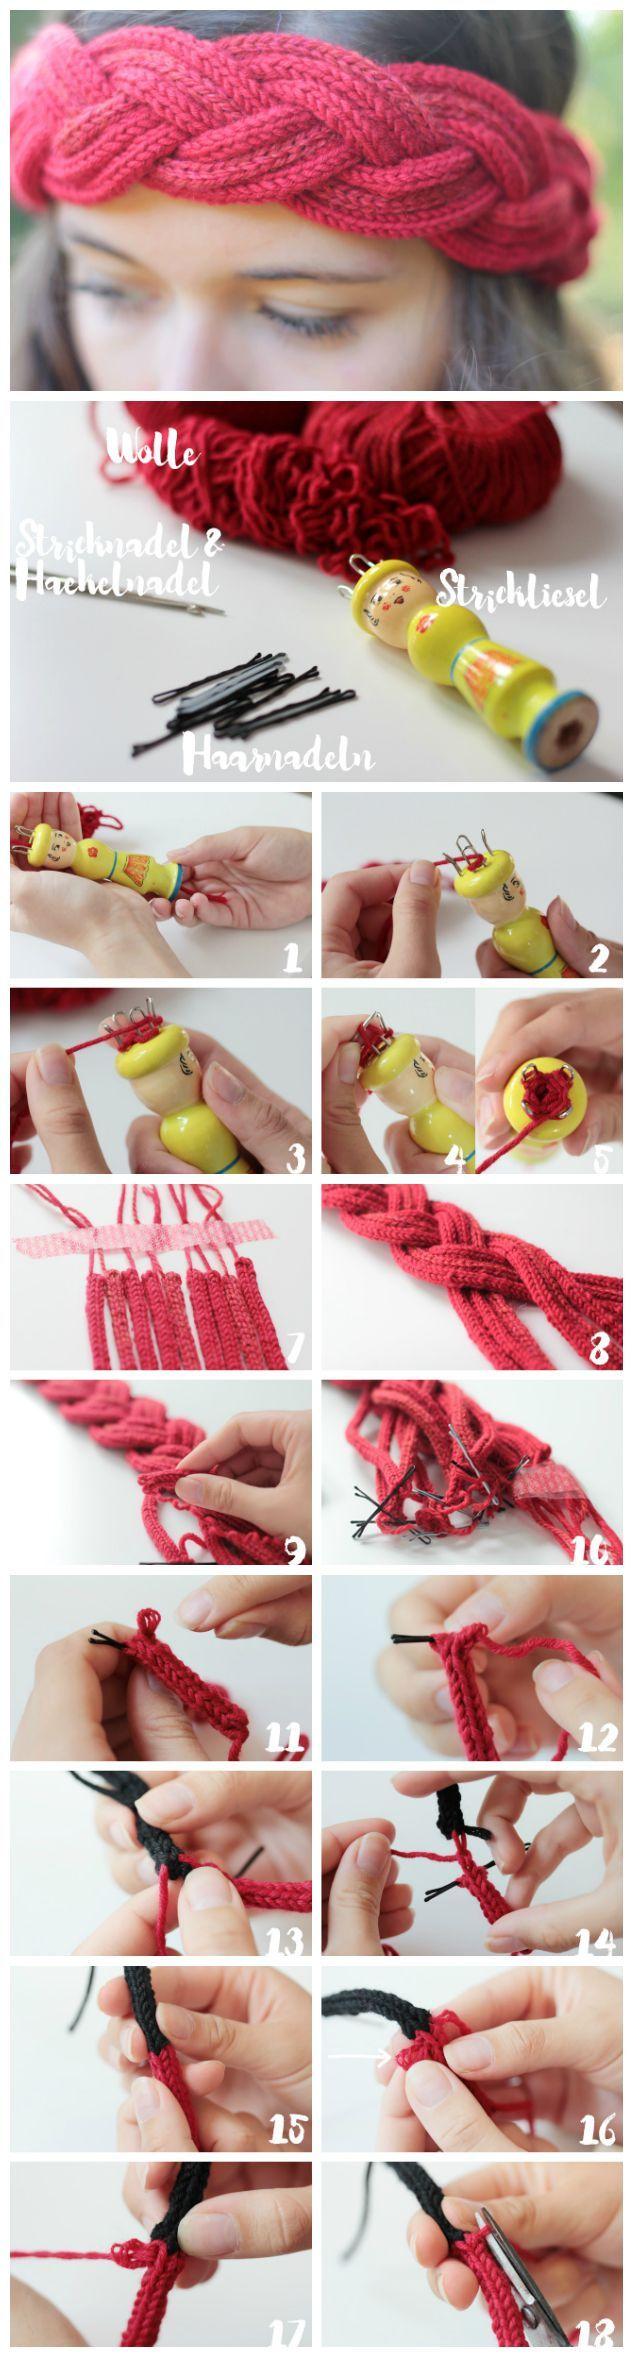 Anleitung für ein Stirnband aus Stricklieslgarn unter http://blog.makerist.de/diy-strickliesel/